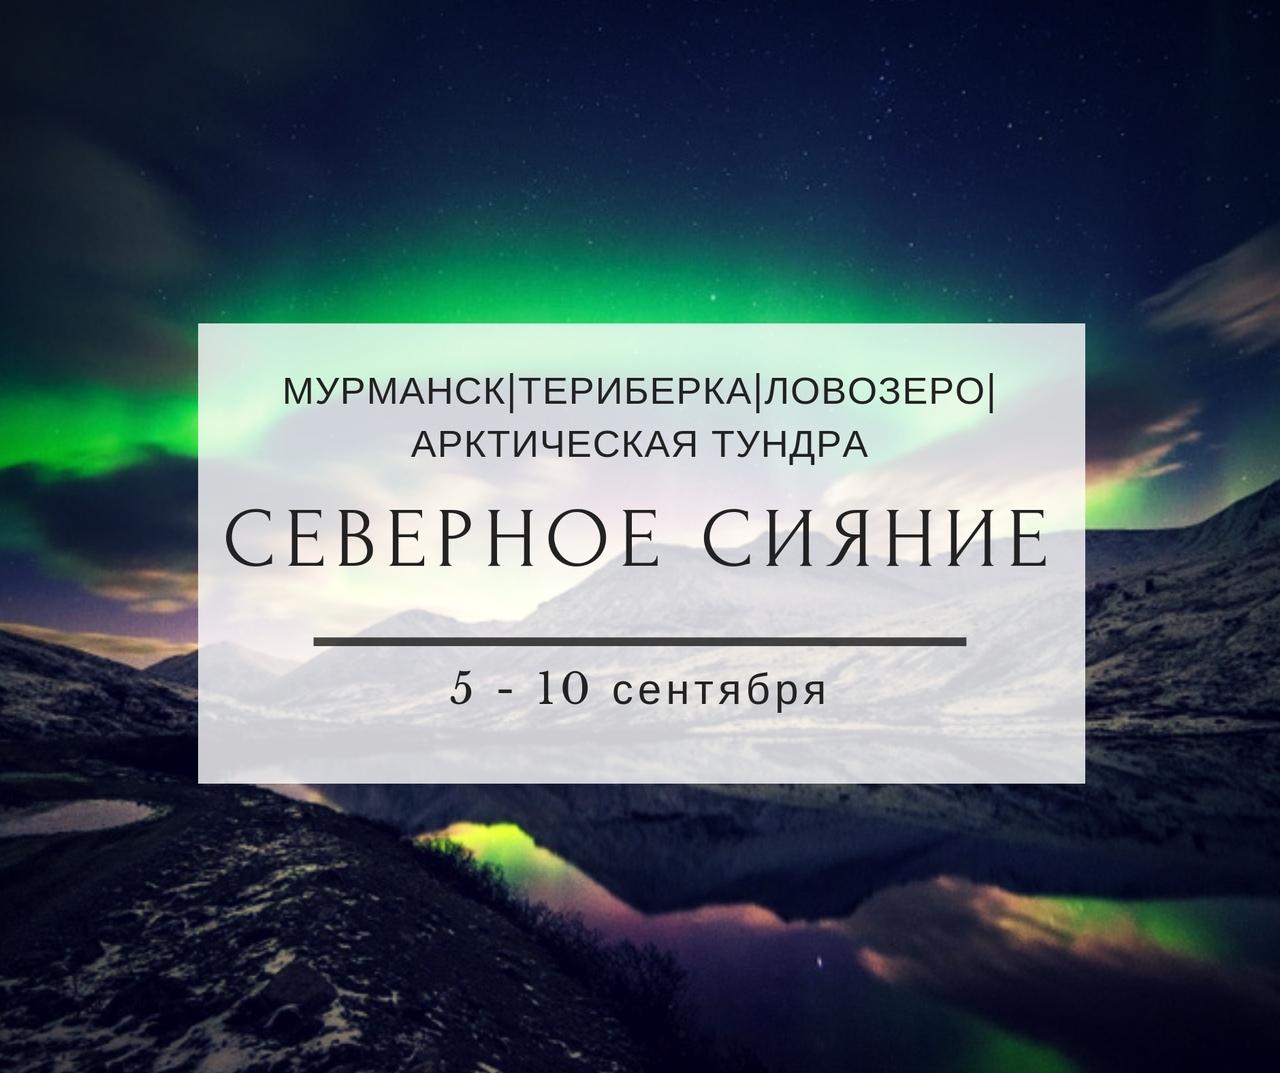 Афиша Тюмень СЕВЕРНОЕ СИЯНИЕ / ТЕРИБЕРКА / 5-10 СЕНТЯБРЯ